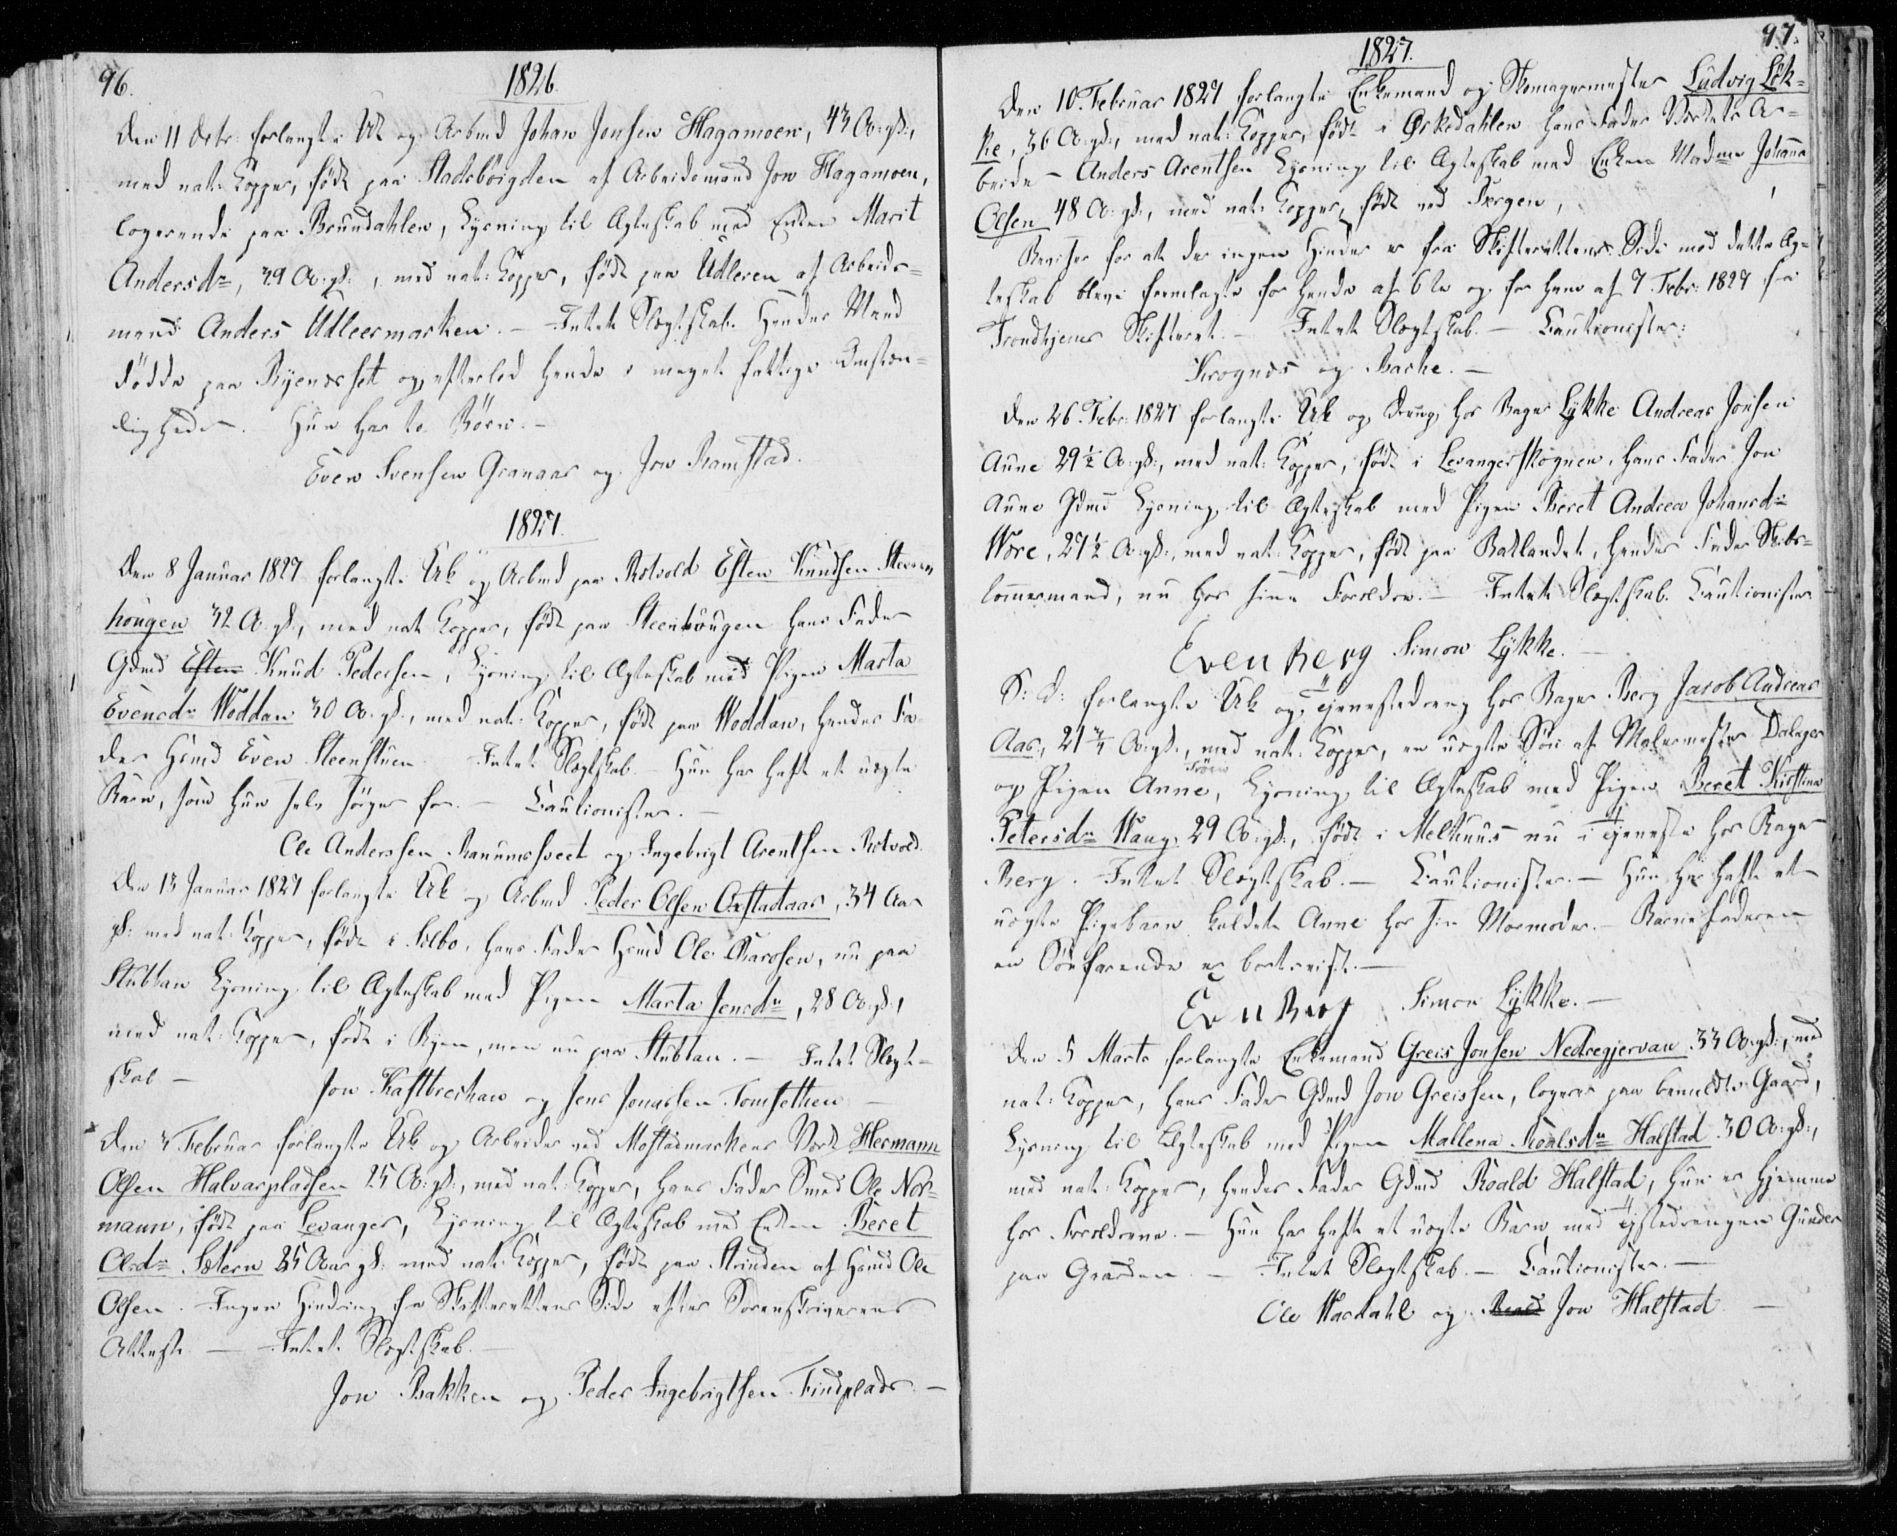 SAT, Ministerialprotokoller, klokkerbøker og fødselsregistre - Sør-Trøndelag, 606/L0295: Lysningsprotokoll nr. 606A10, 1815-1833, s. 96-97